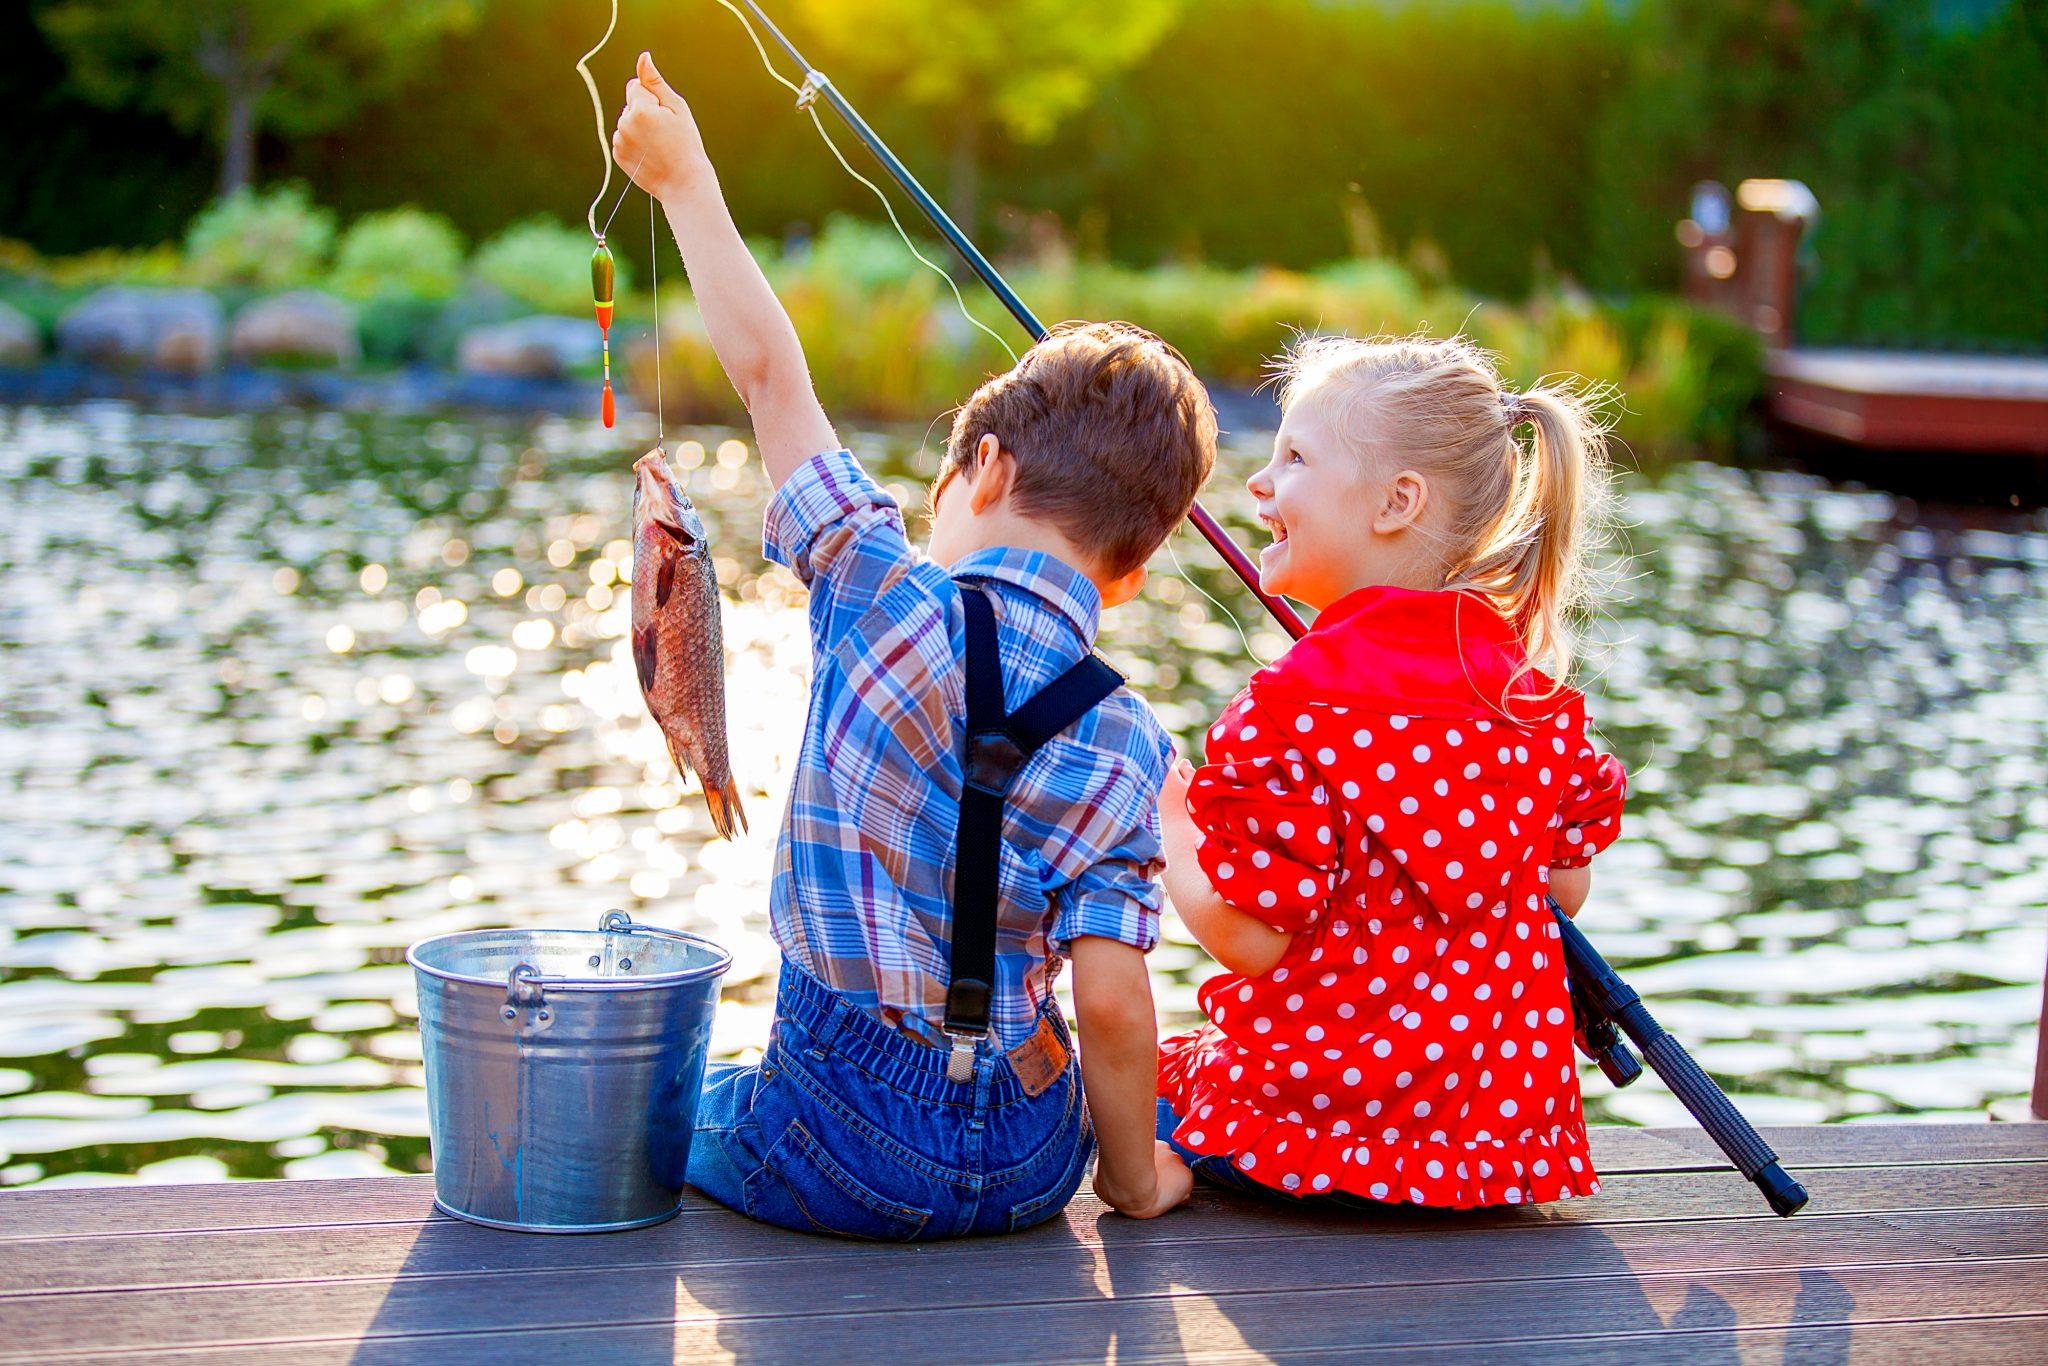 魚釣りをしている男の子と女の子